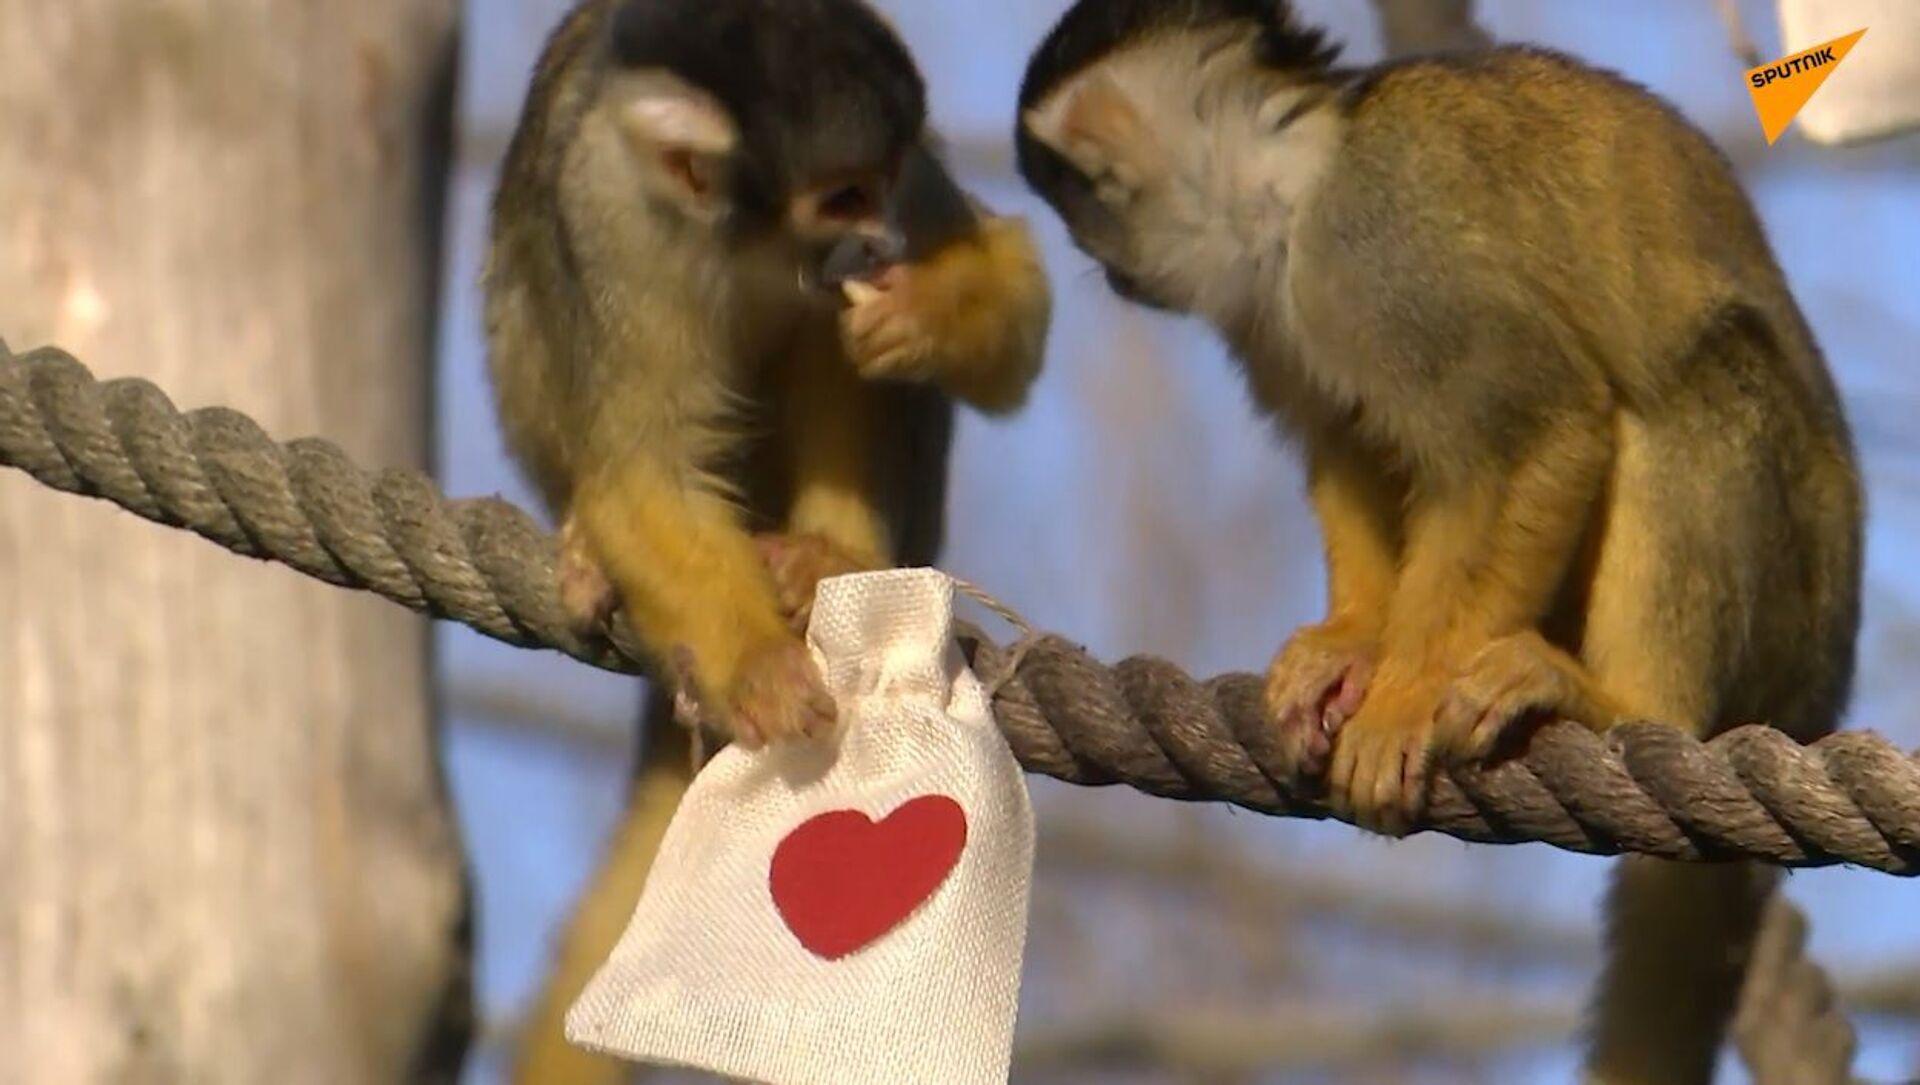 San Valentino allo zoo di Londra: anche le scimmie hanno ricevuto i regalini - Sputnik Italia, 1920, 15.02.2021